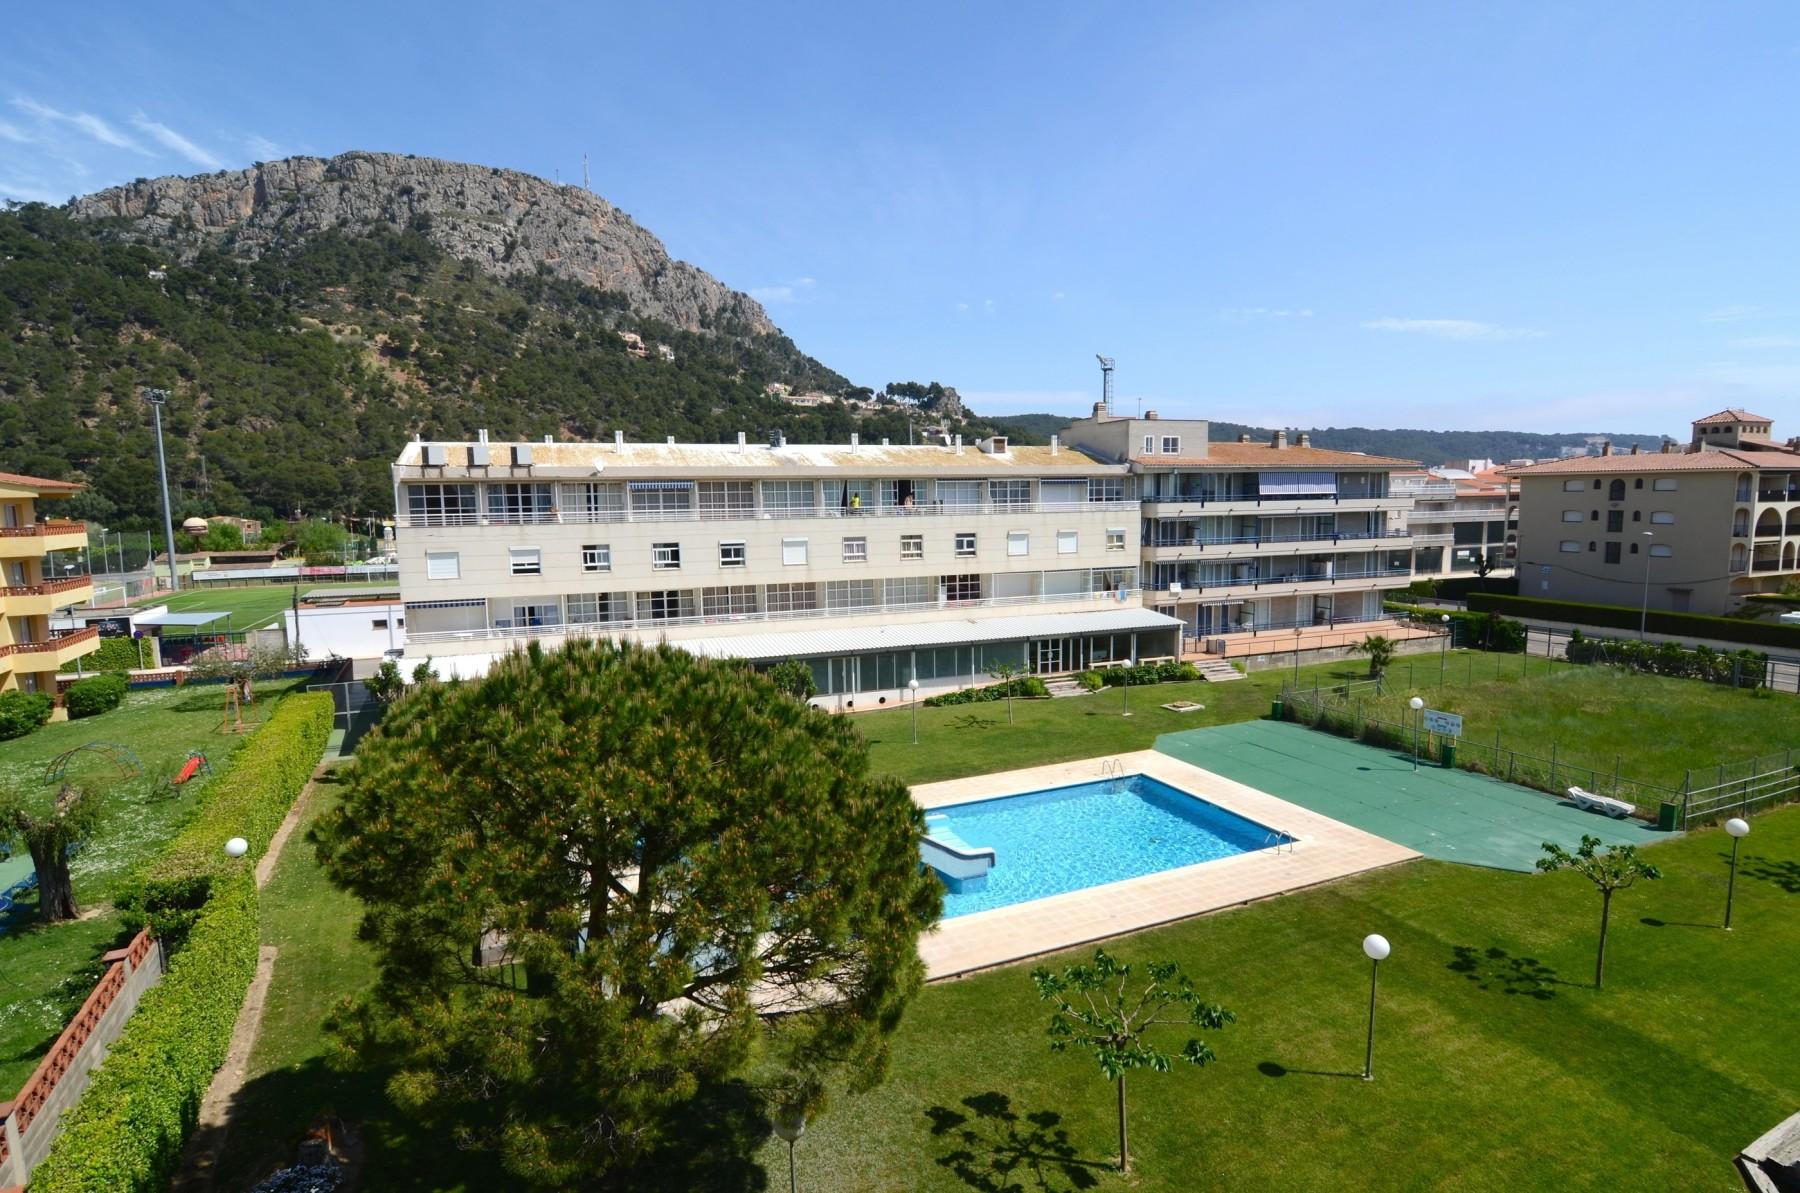 Ferienwohnung BLAU PARK 302 PK 5 (2098675), Els Griells, Costa Brava, Katalonien, Spanien, Bild 2